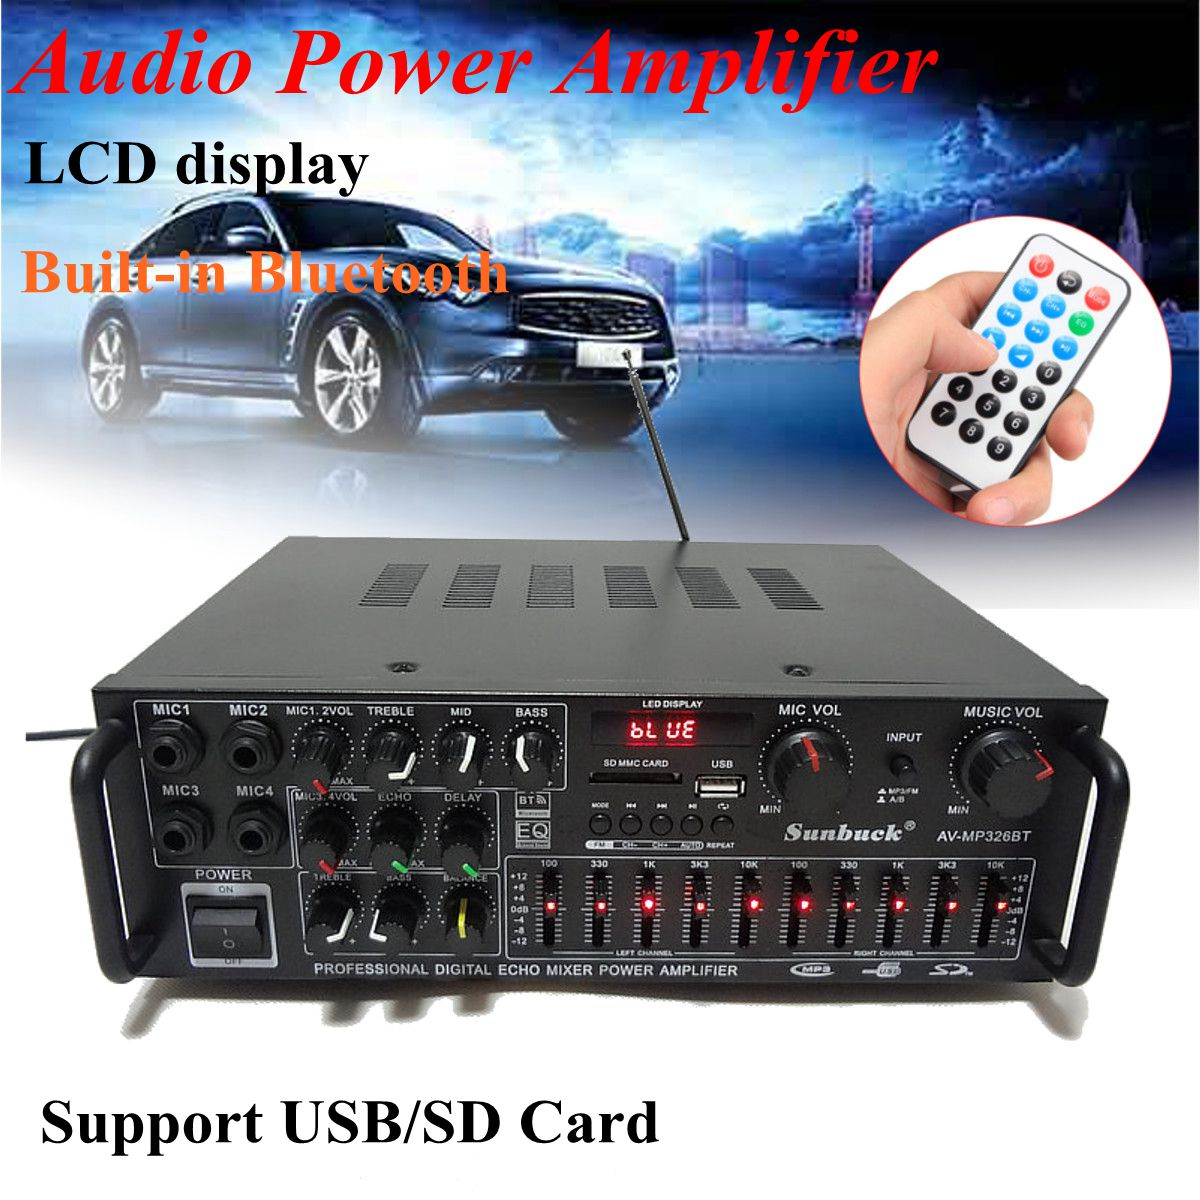 Bluetooth 2.0 канала 2000 Вт аудио Мощность HiFi Усилители домашние 326bt 12 В/220 В AV AMP Динамик с Дистанционное управление для автомобиля Главная